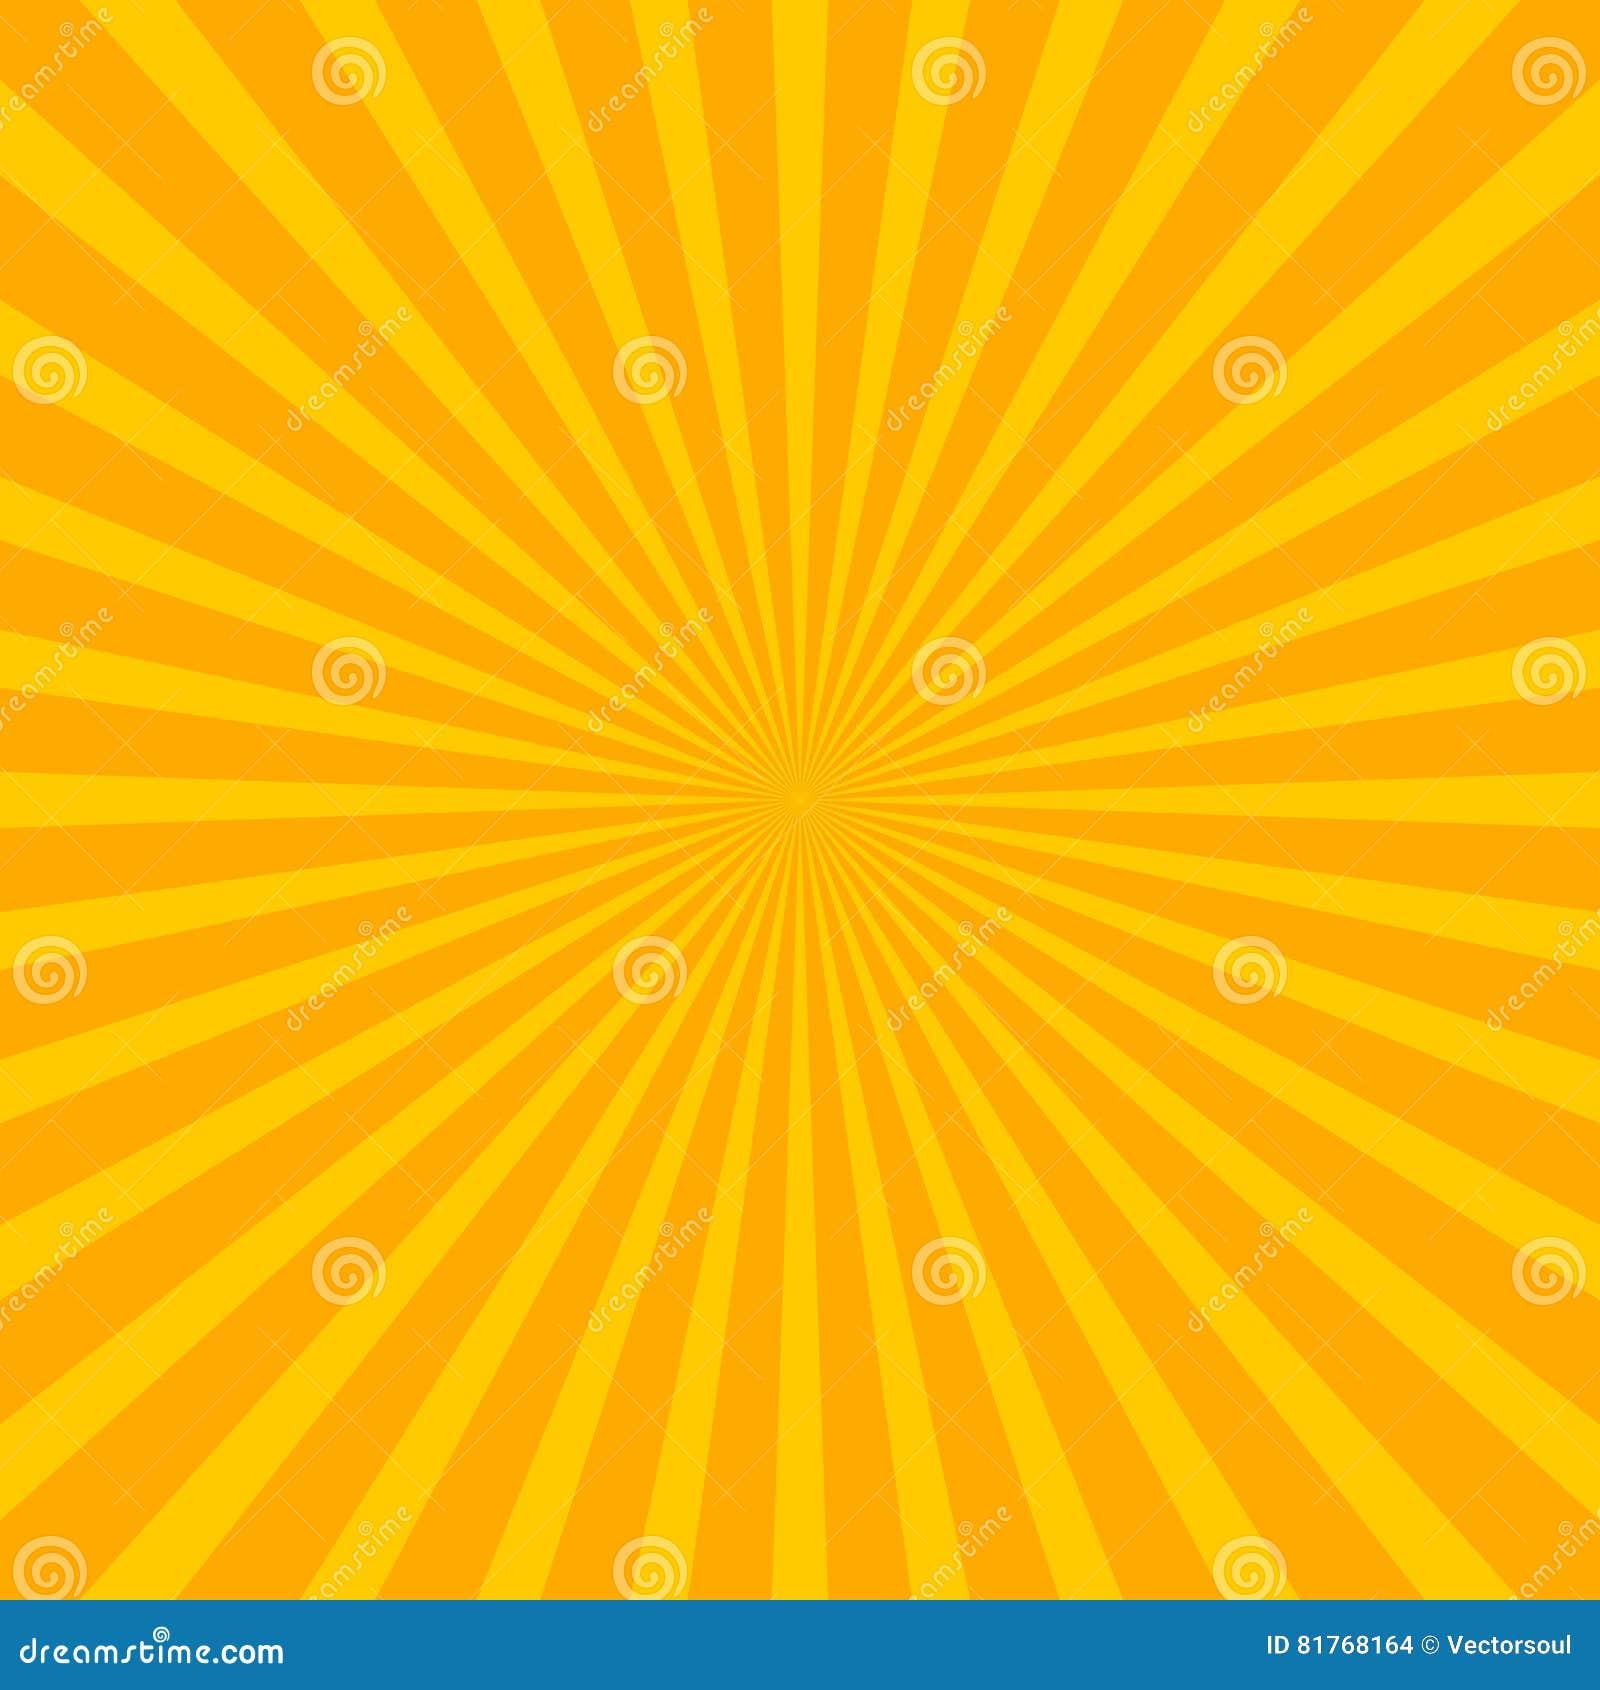 De heldere achtergrond van de starburstzonnestraal met regelmatige uitstralende Li